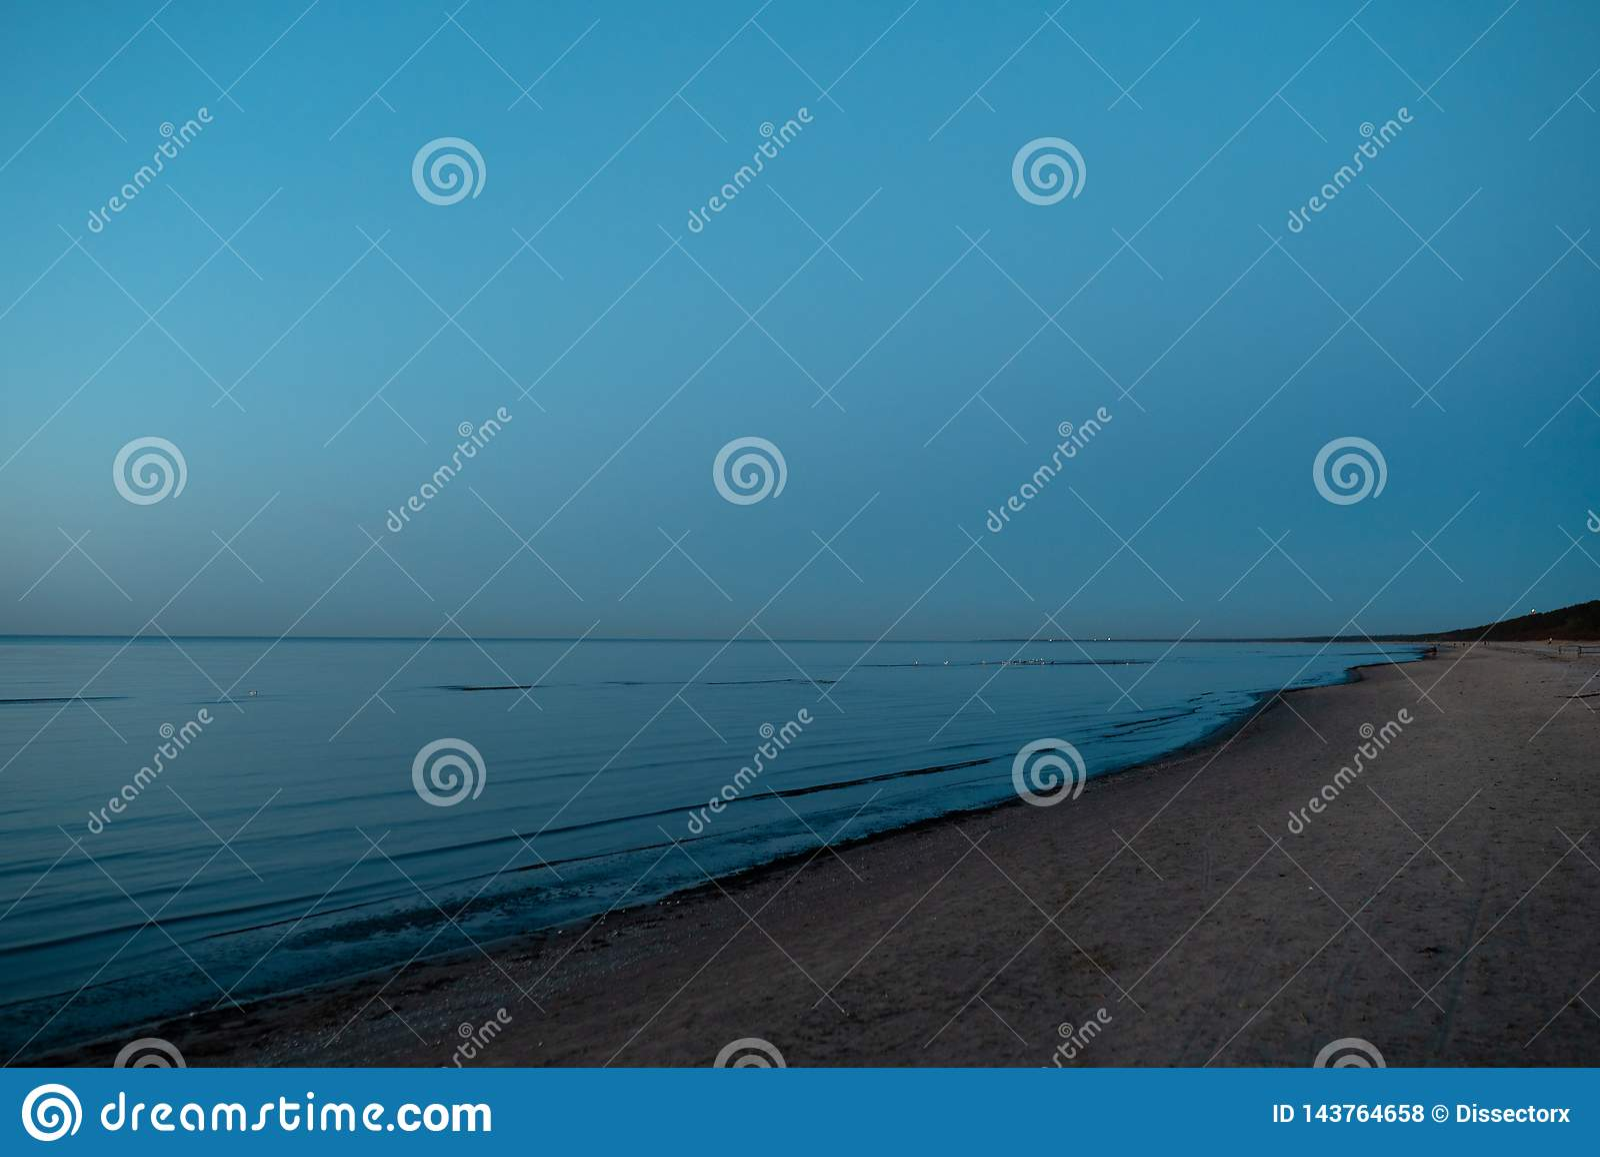 Ζωηρό καταπληκτικό ηλιοβασίλεμα στα κράτη της Βαλτικής - το σούρουπο στη θάλασσα με τον ορίζοντα φωτίζει από τον ήλιο